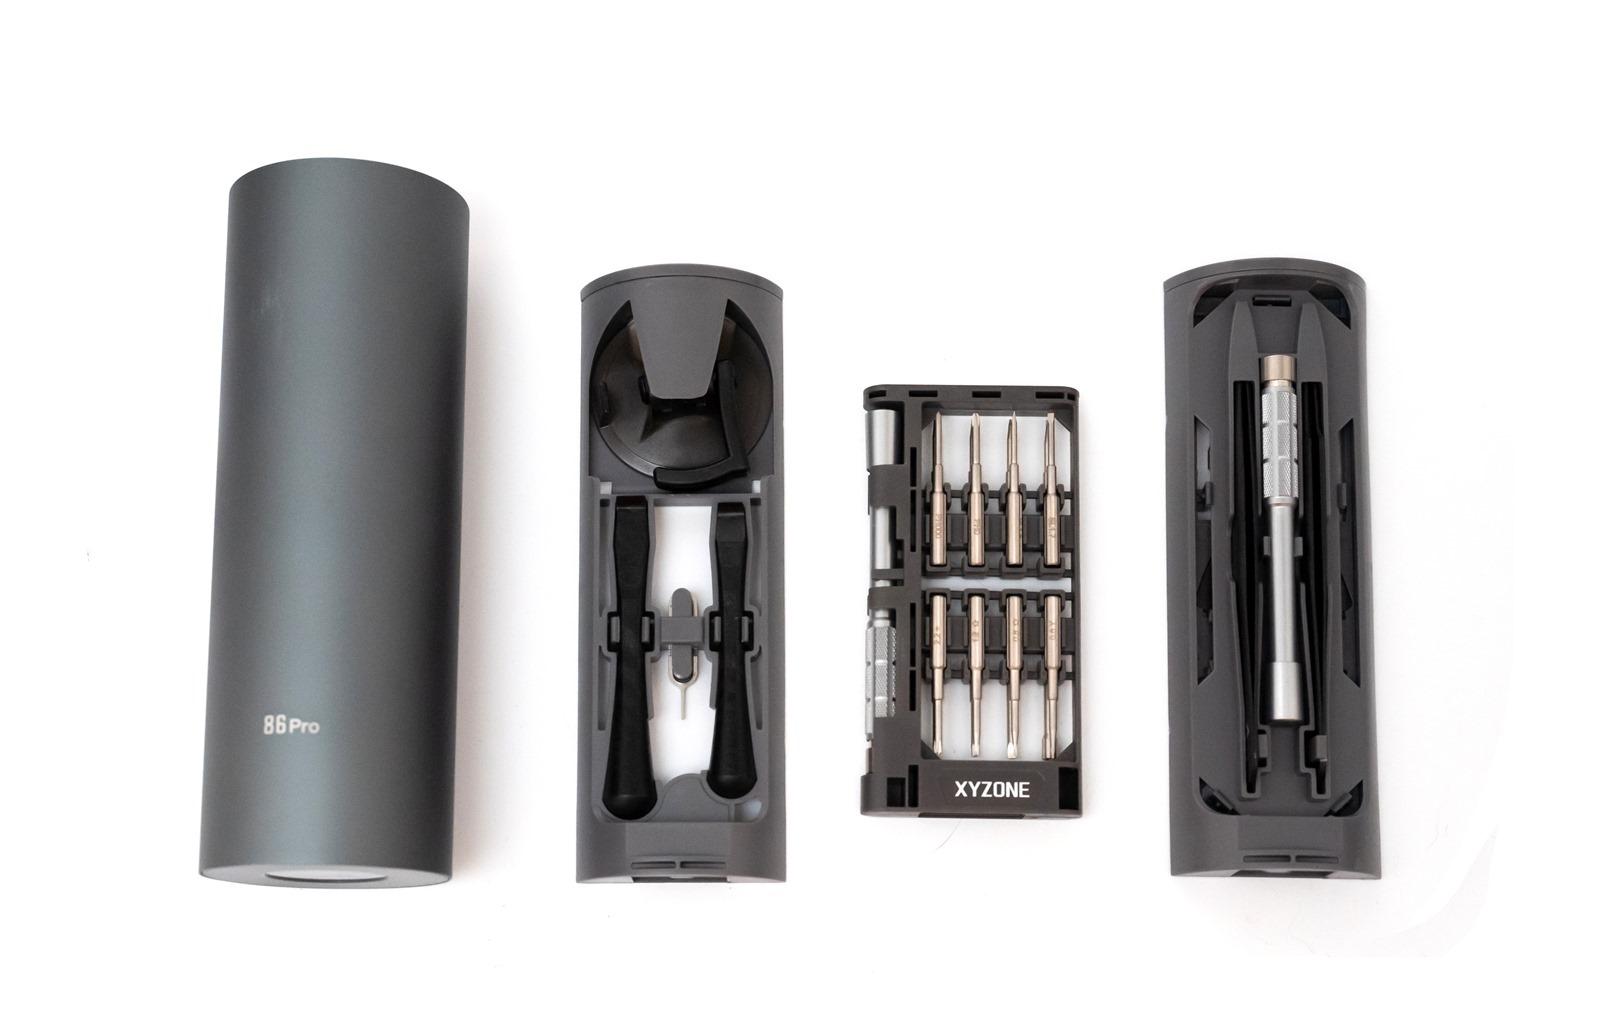 XYZONE 用的 86 Pro 拆機工具組開箱分享 @3C 達人廖阿輝